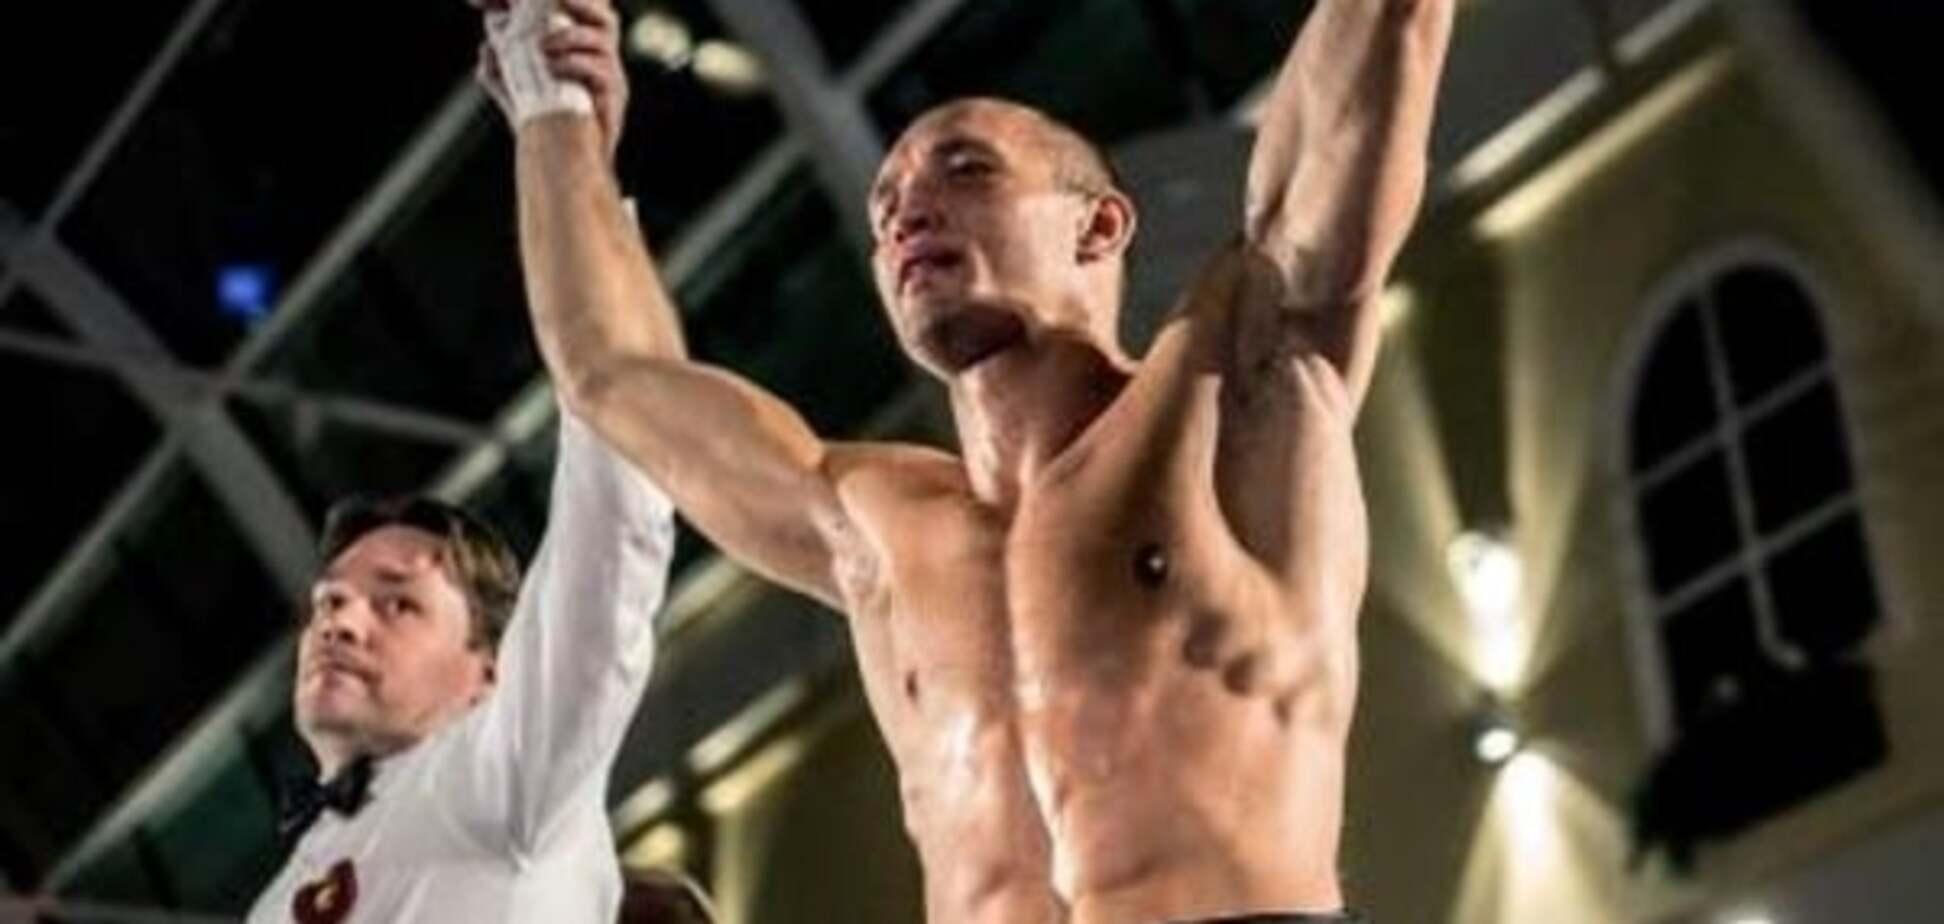 Український боксер сенсаційно завоював титул чемпіона Європейського союзу